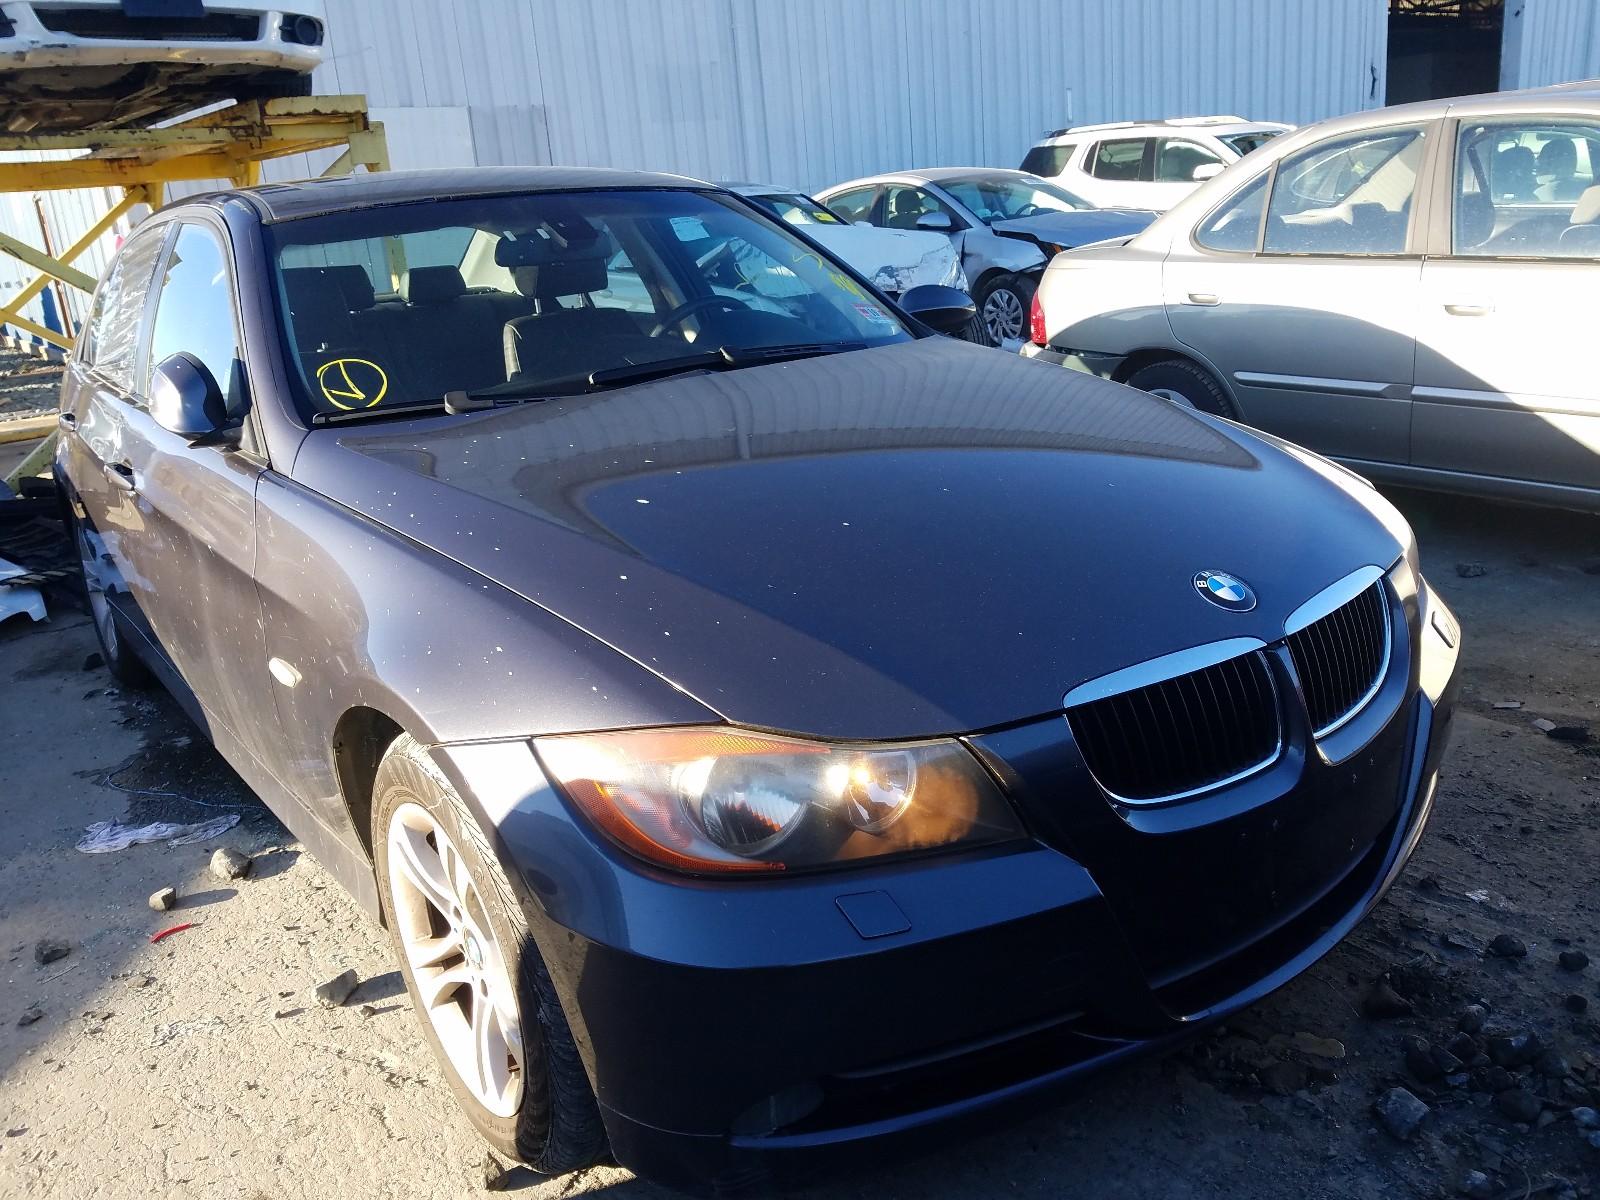 2008 BMW 328 XI - WBAVC93568KZ72529